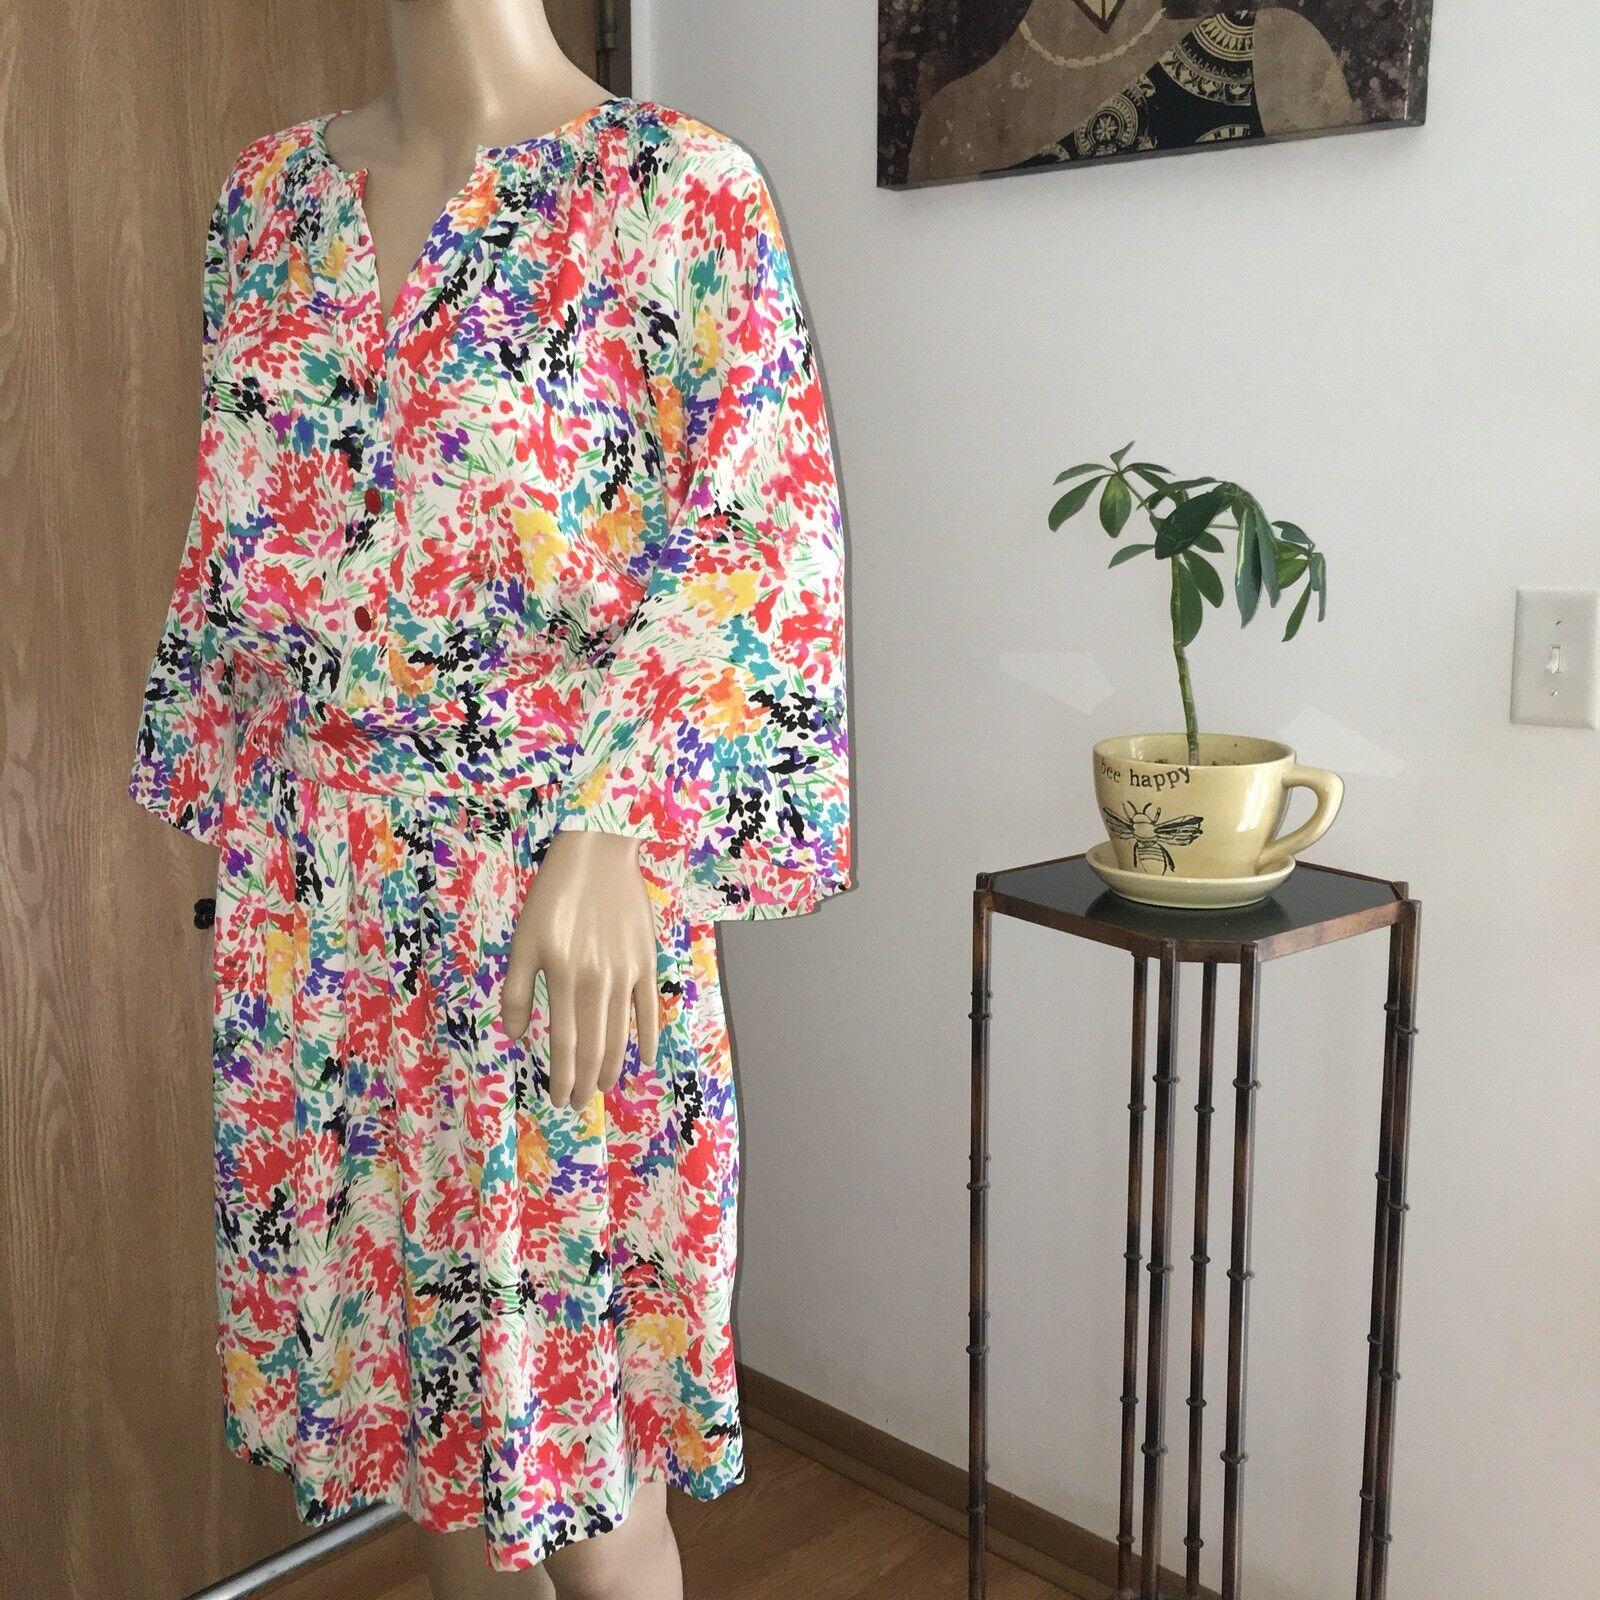 Eliza j j j colorful Dress 6 0594e0